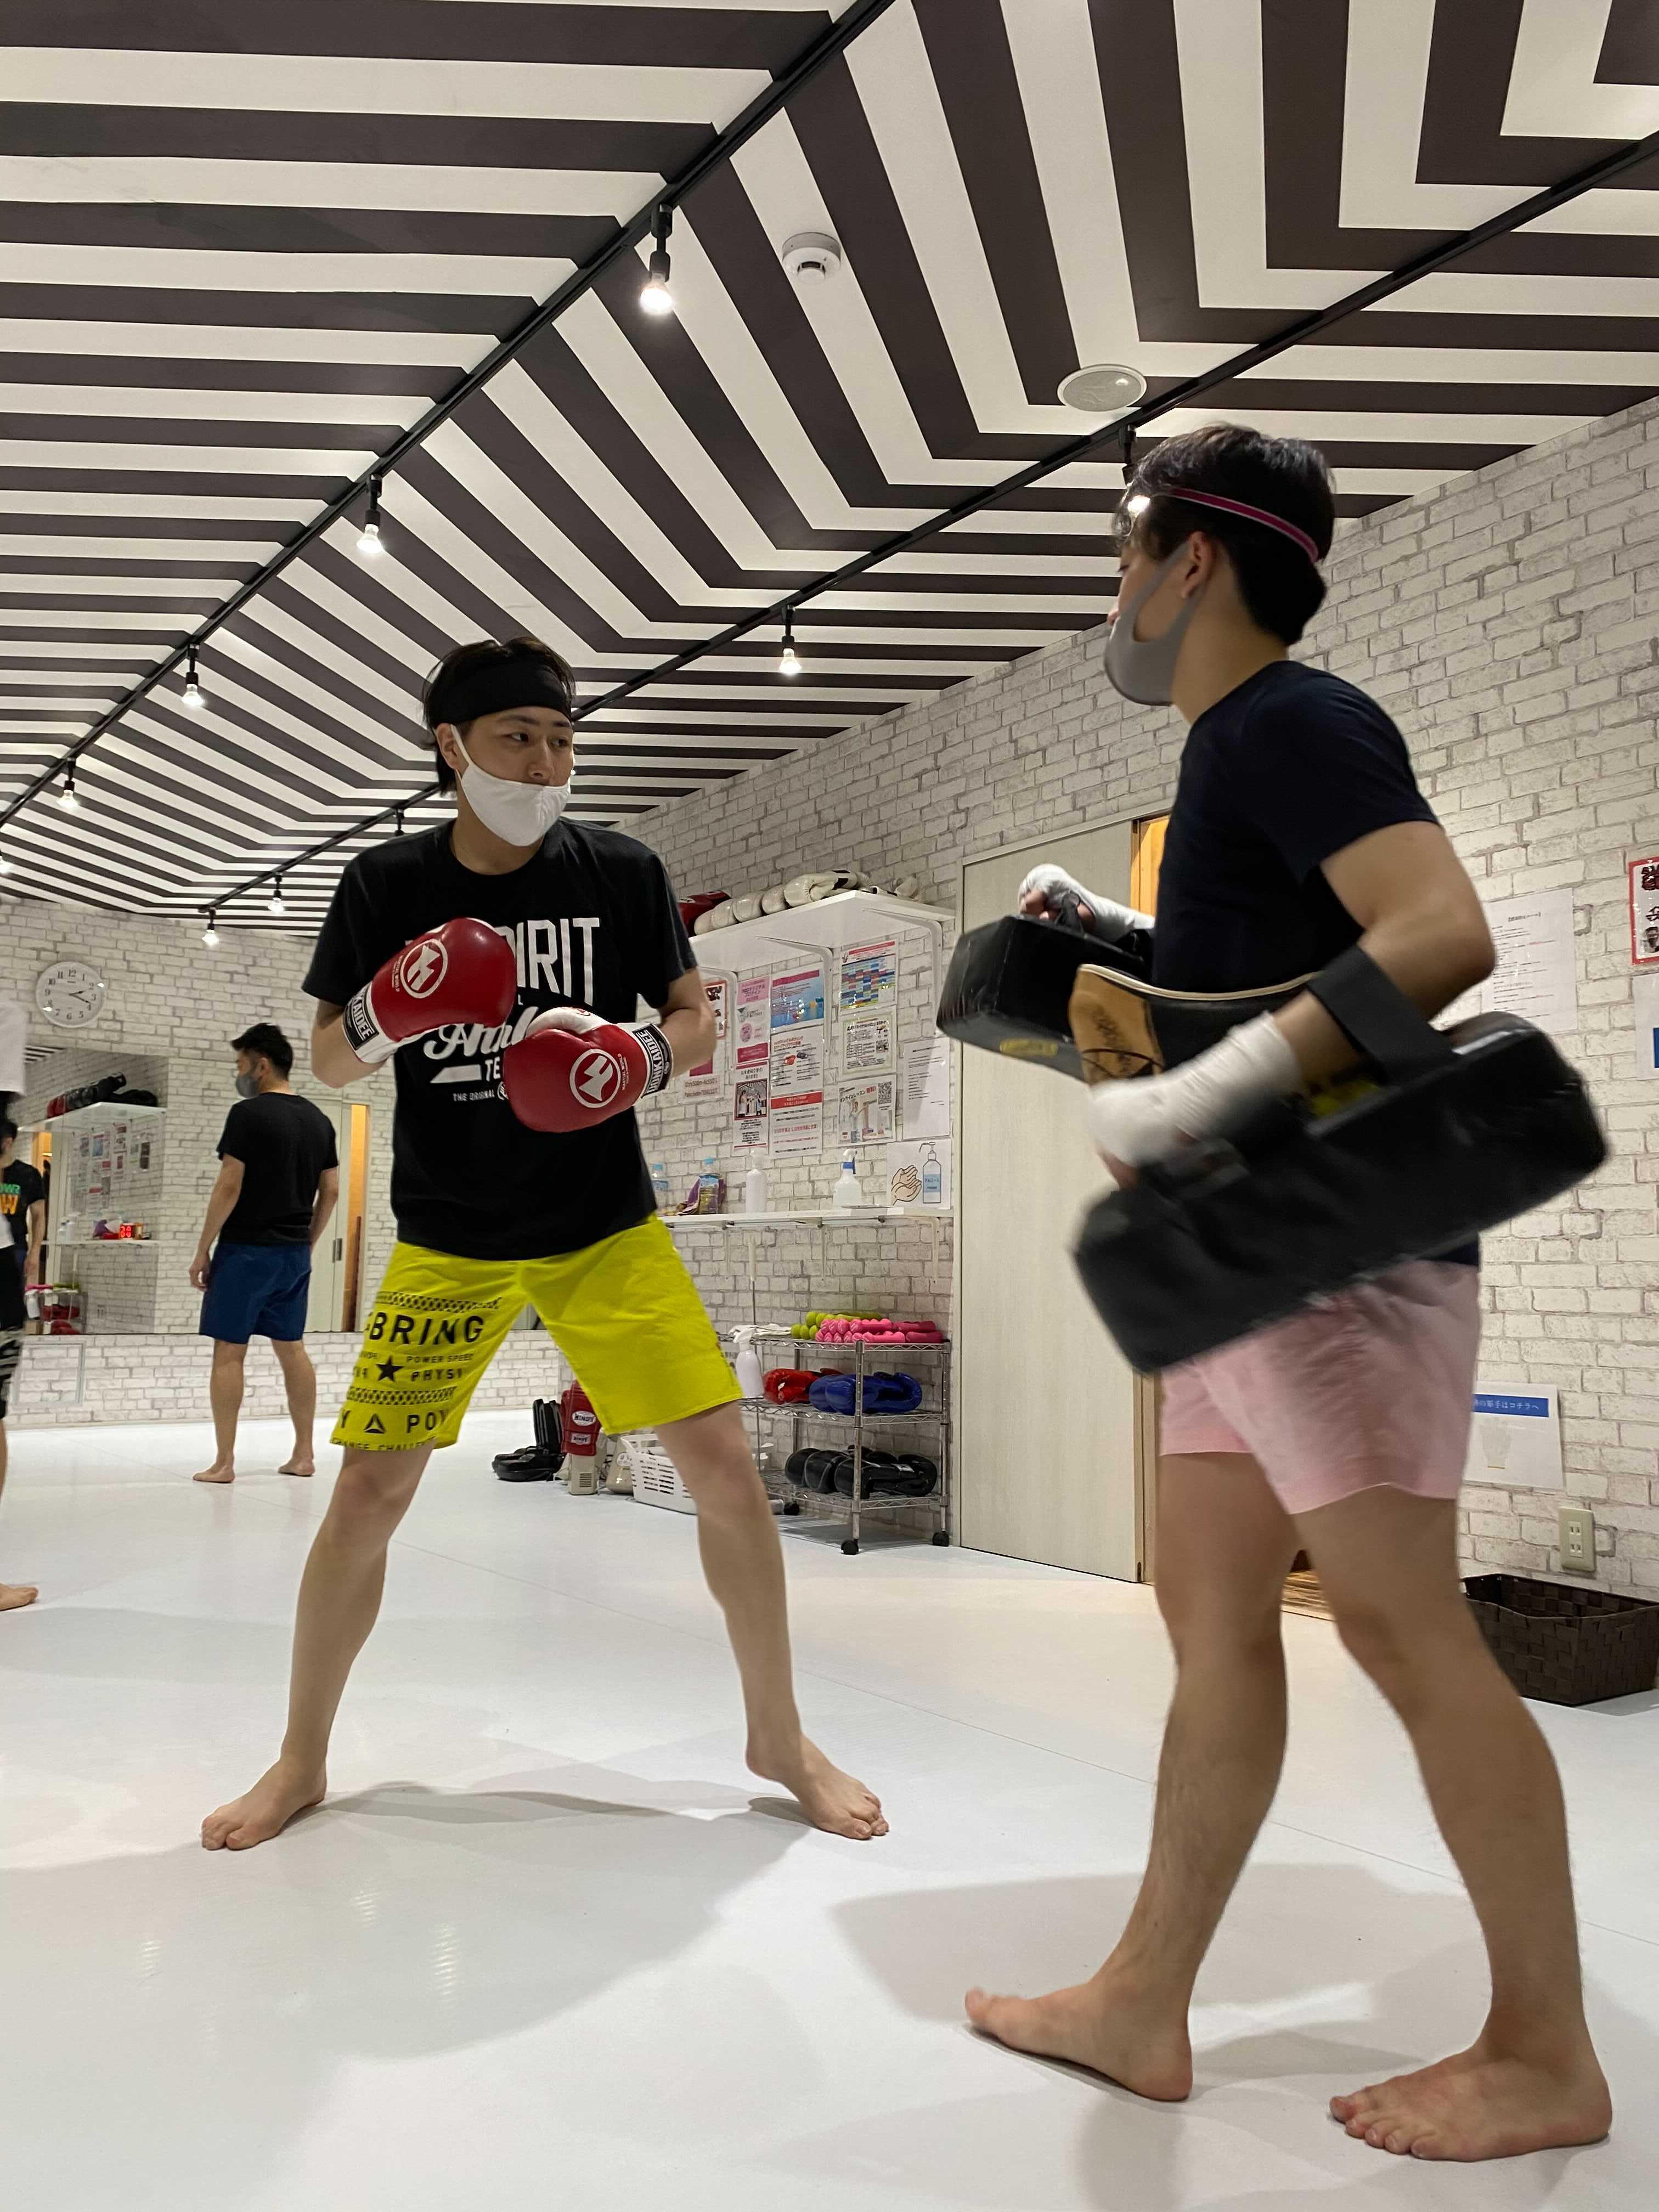 サーバーサイドエンジニア 月田さん ボクシング風景